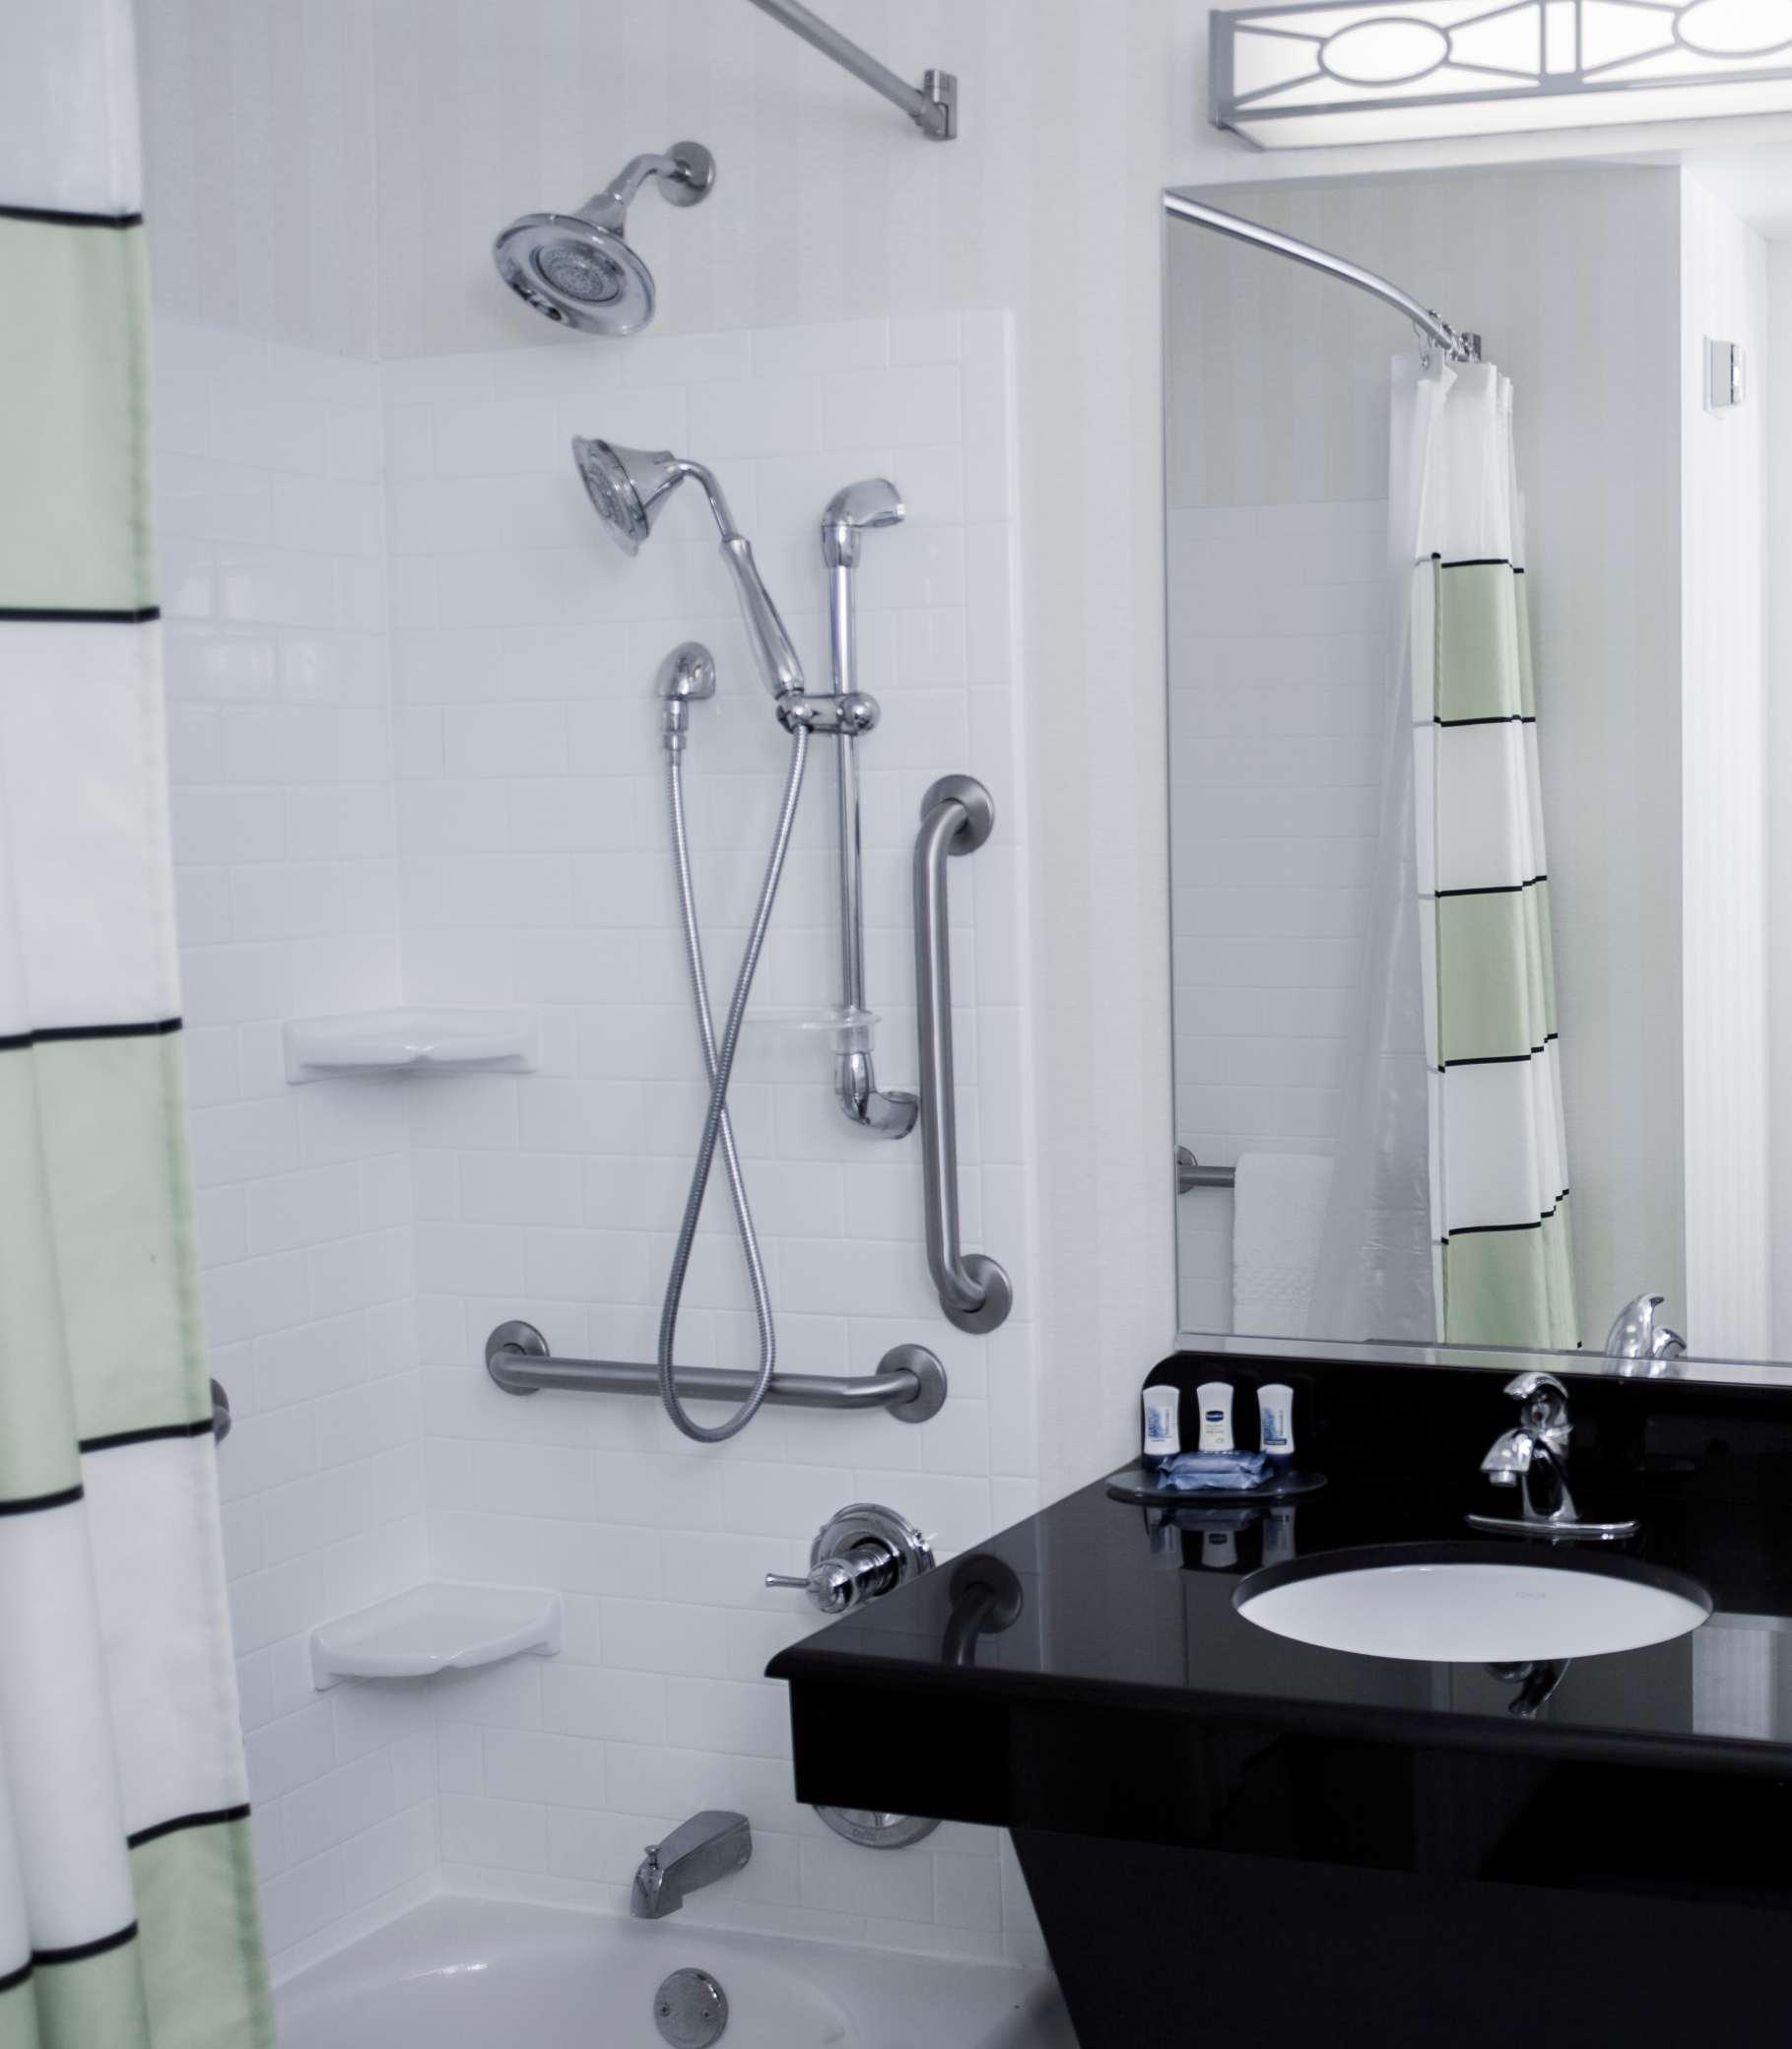 Fairfield Inn & Suites by Marriott Carlsbad image 12